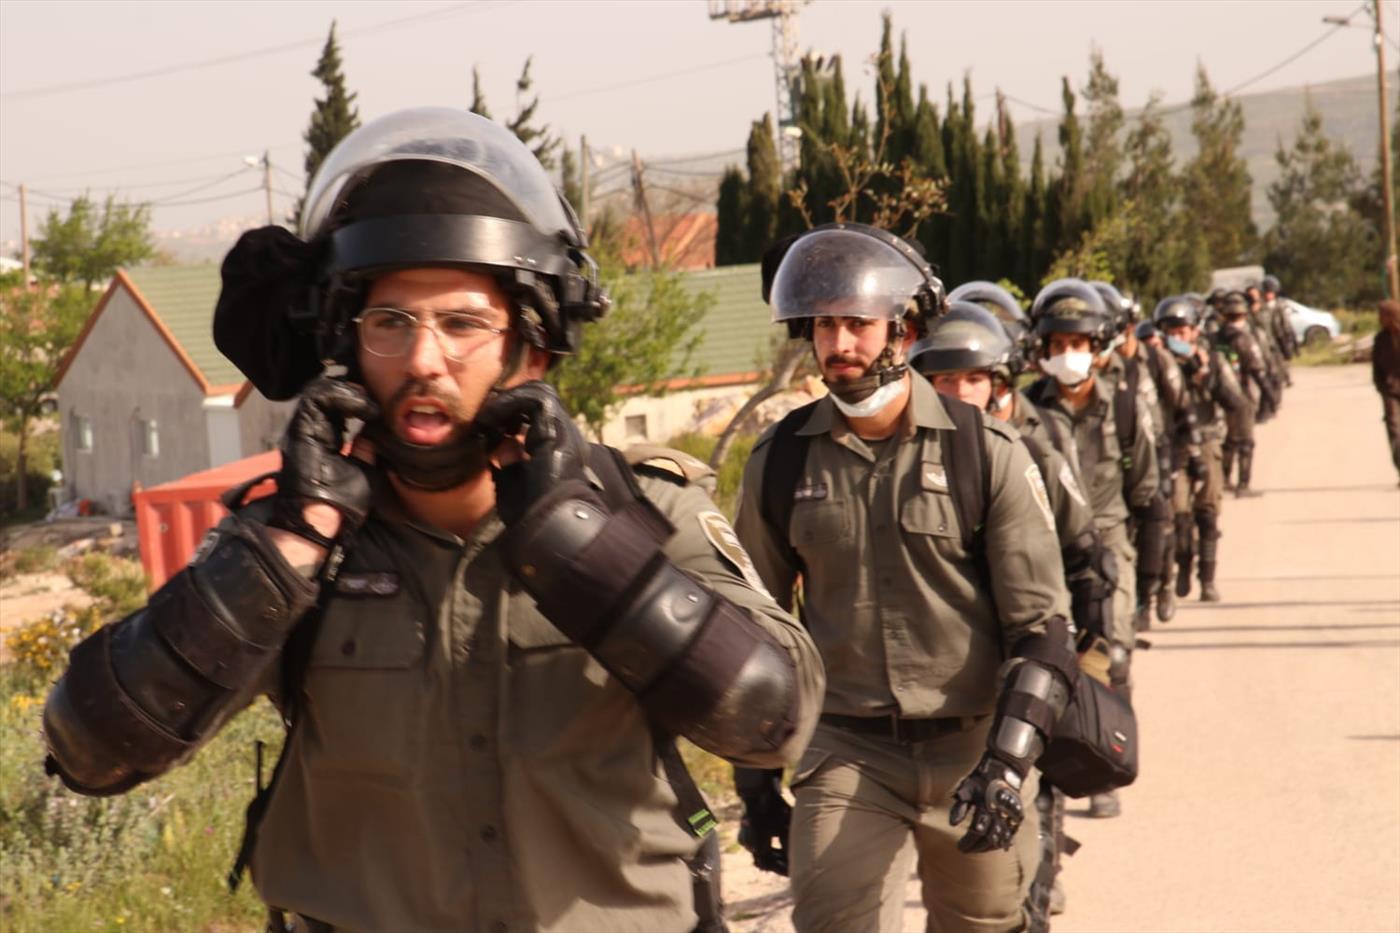 כוחות ההרס ביצהר (צילום: אלעזר ריגר)